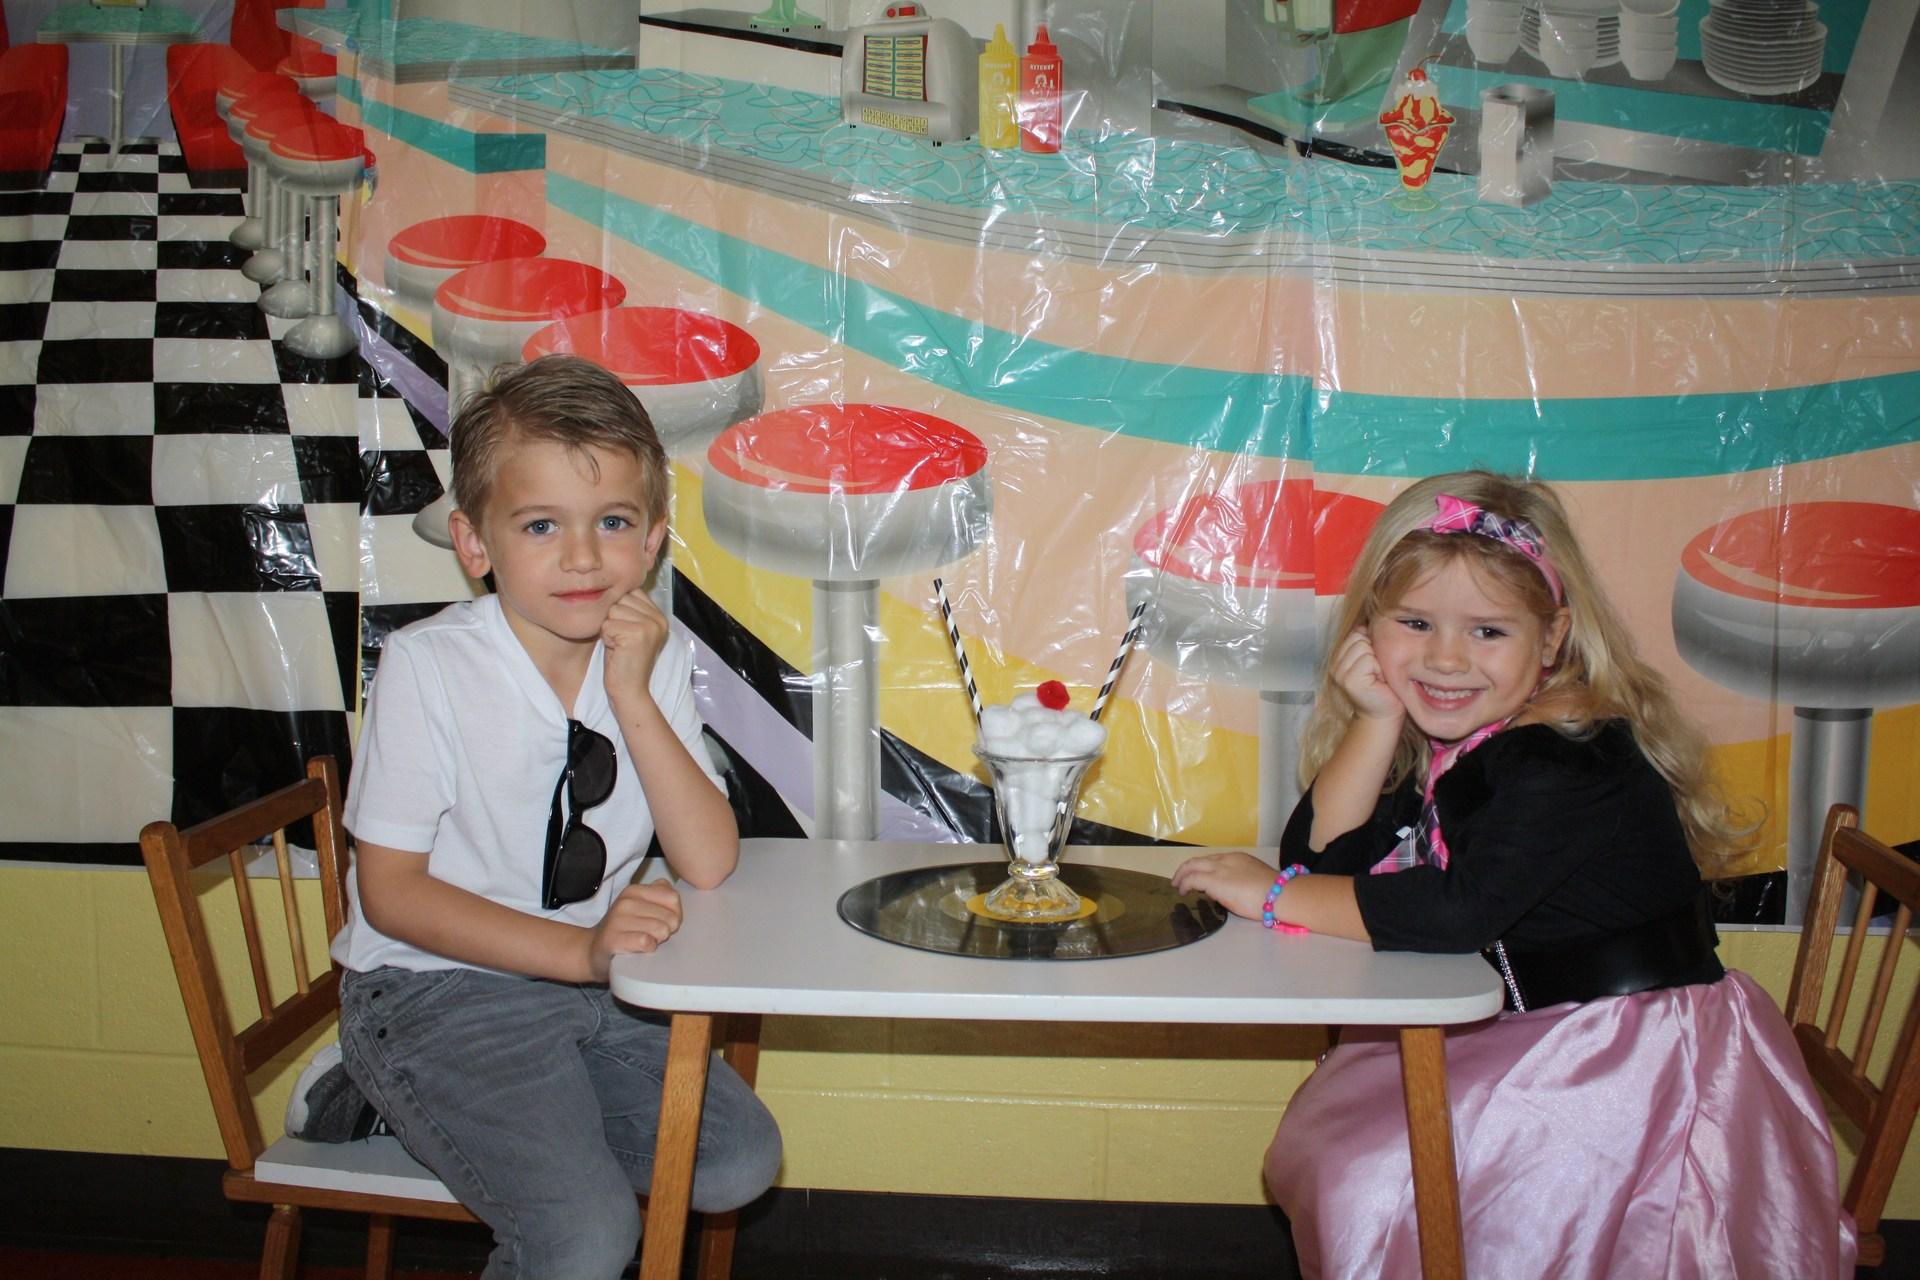 kids dressed in 50's attire